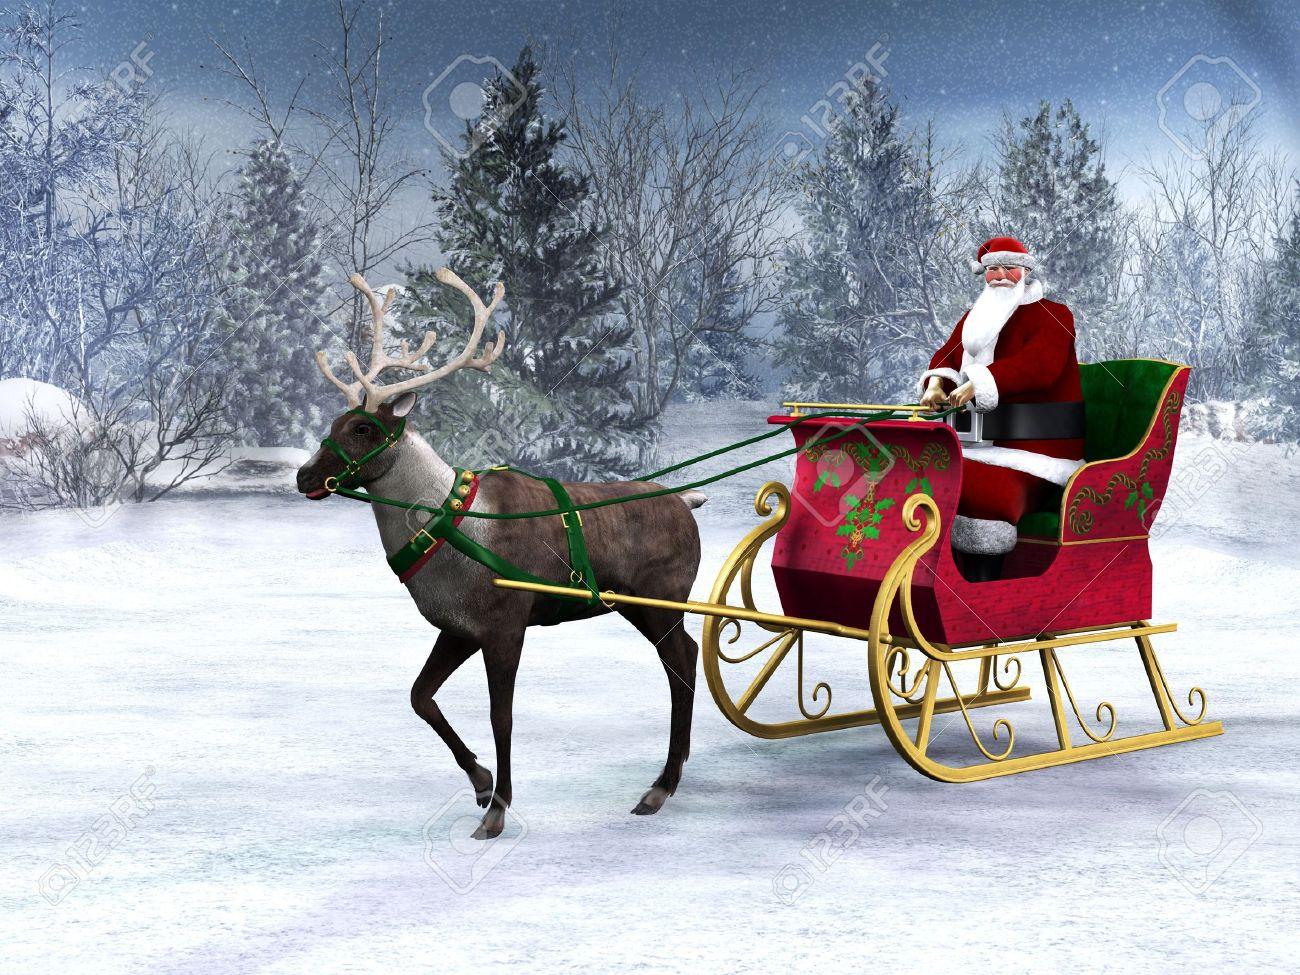 Immagini Babbo Natale Con Slitta.Una Renna Tirando Una Slitta Con Babbo Natale In Essa Lo Sfondo E Una Foresta Bella Invernale Innevato